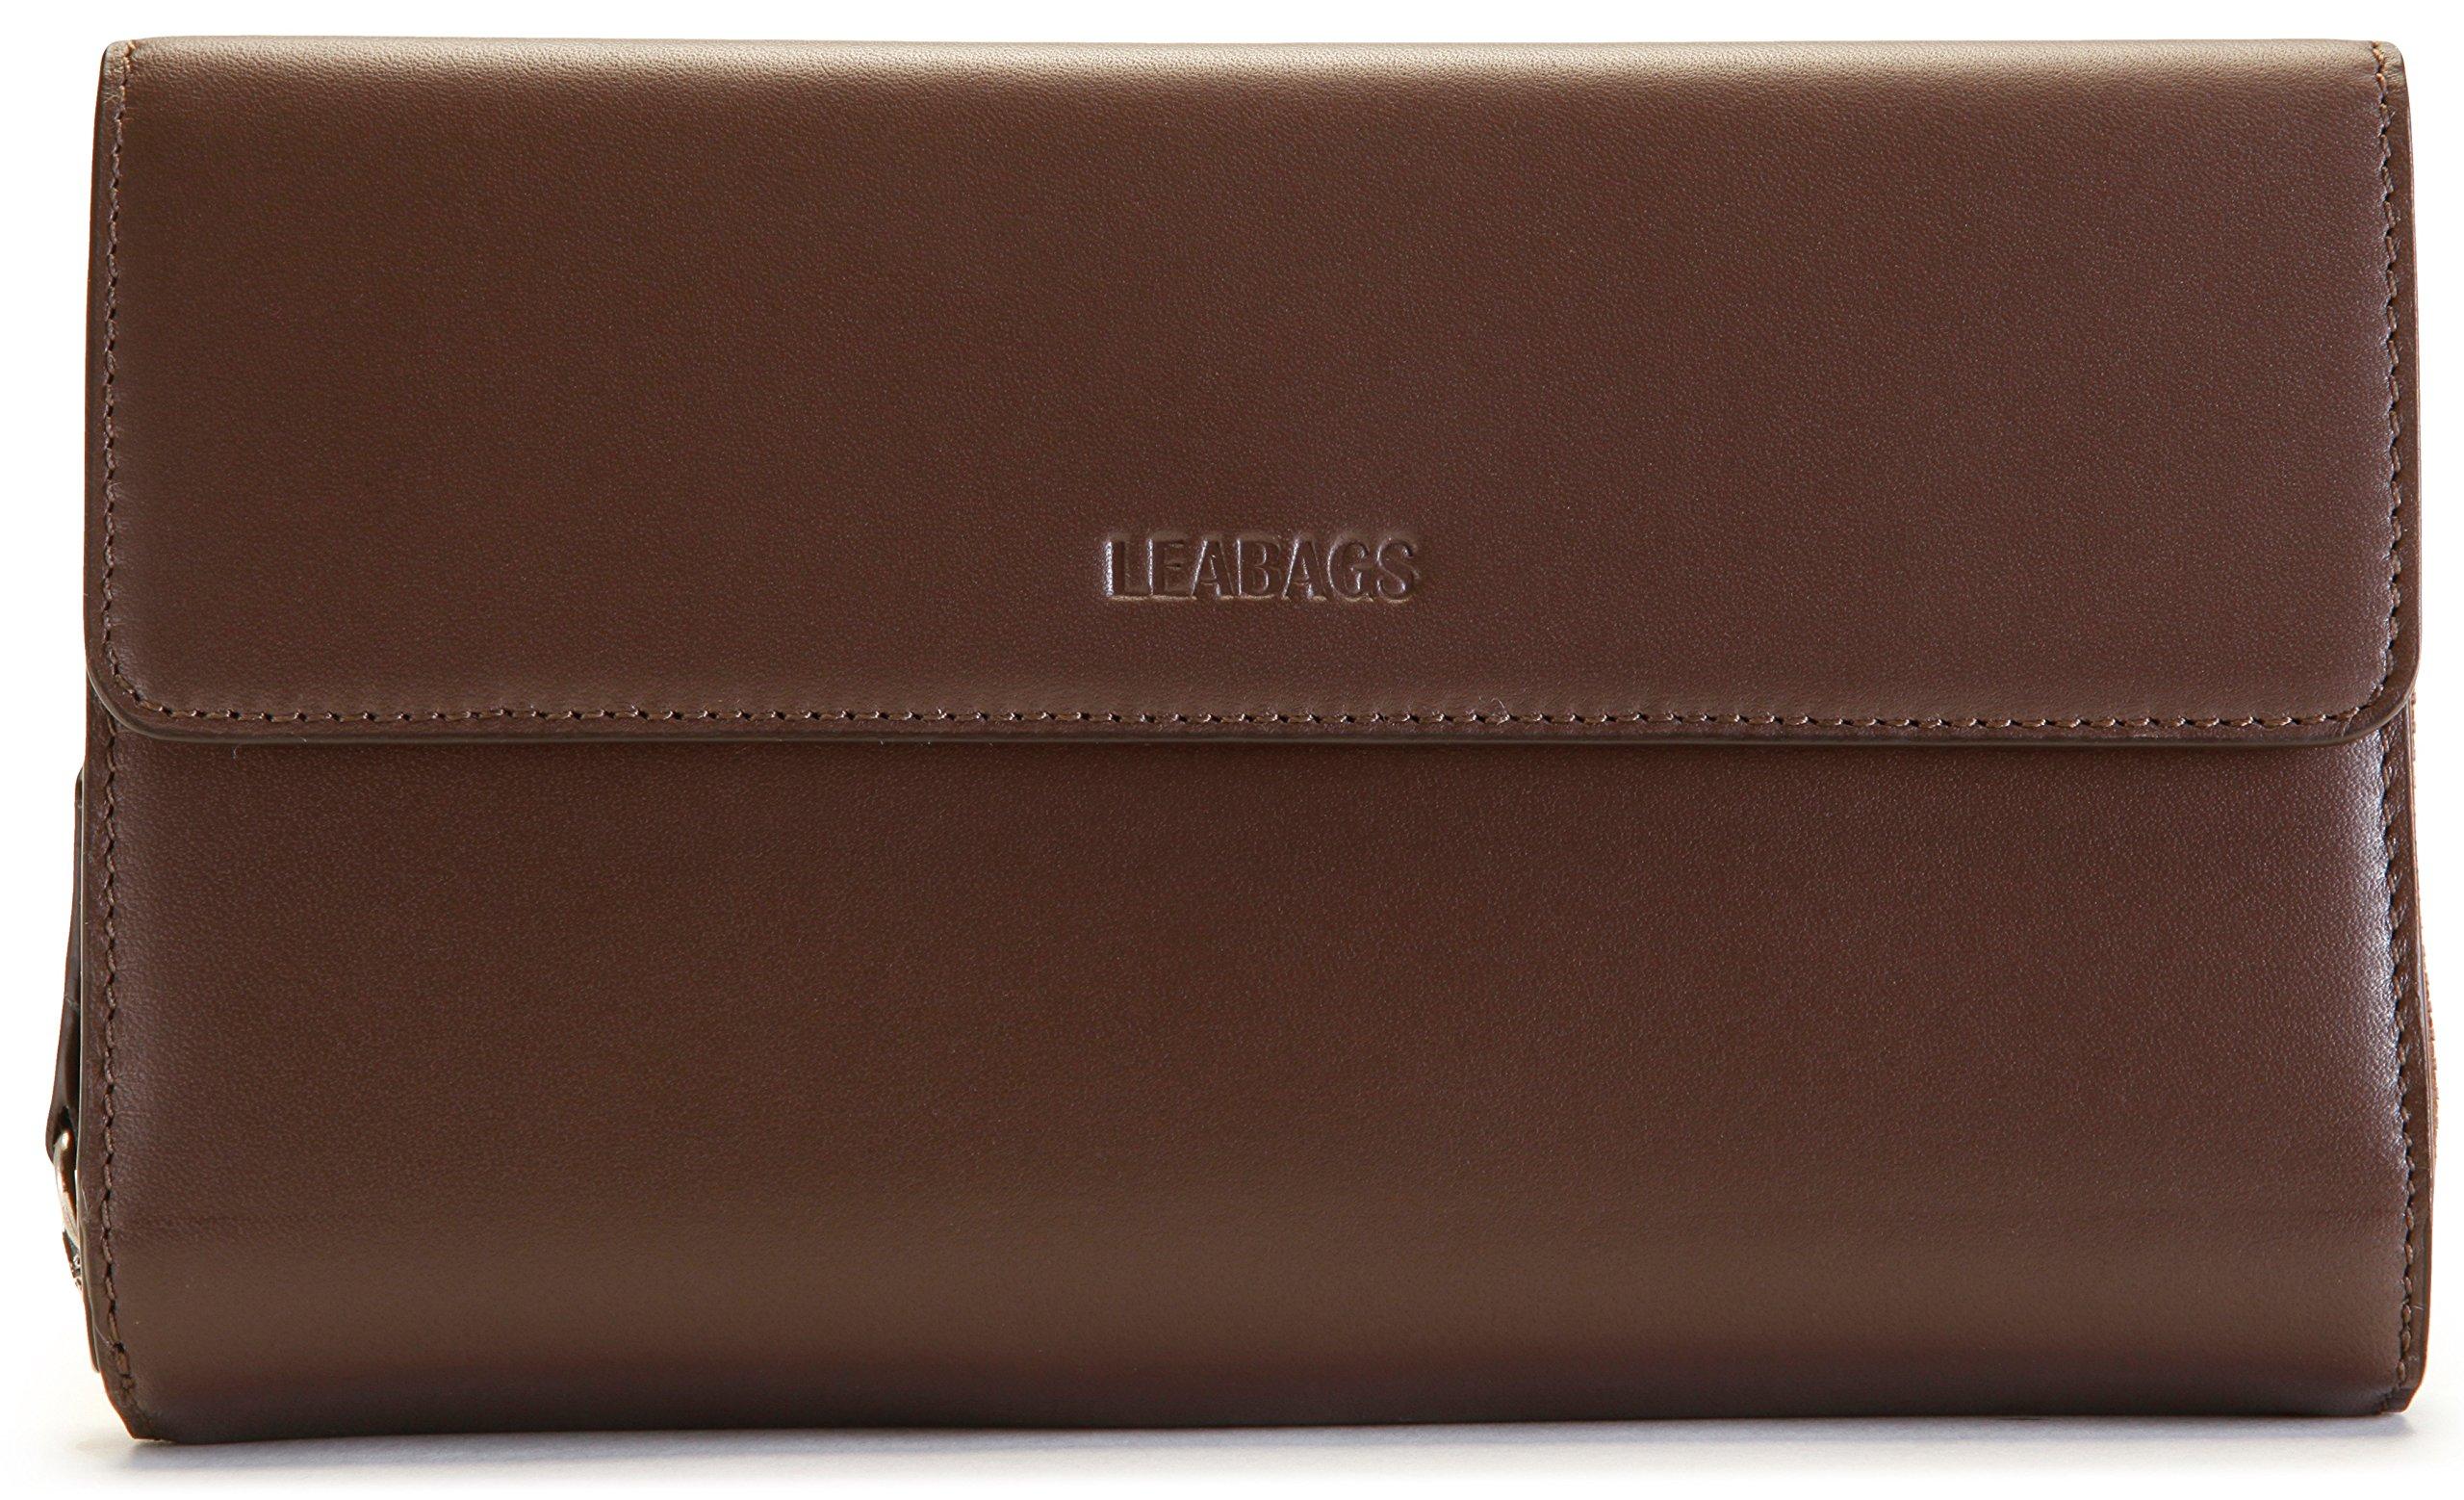 LEABAGS Joplin genuine calfskin leather women's wallet in vintage style - Brown